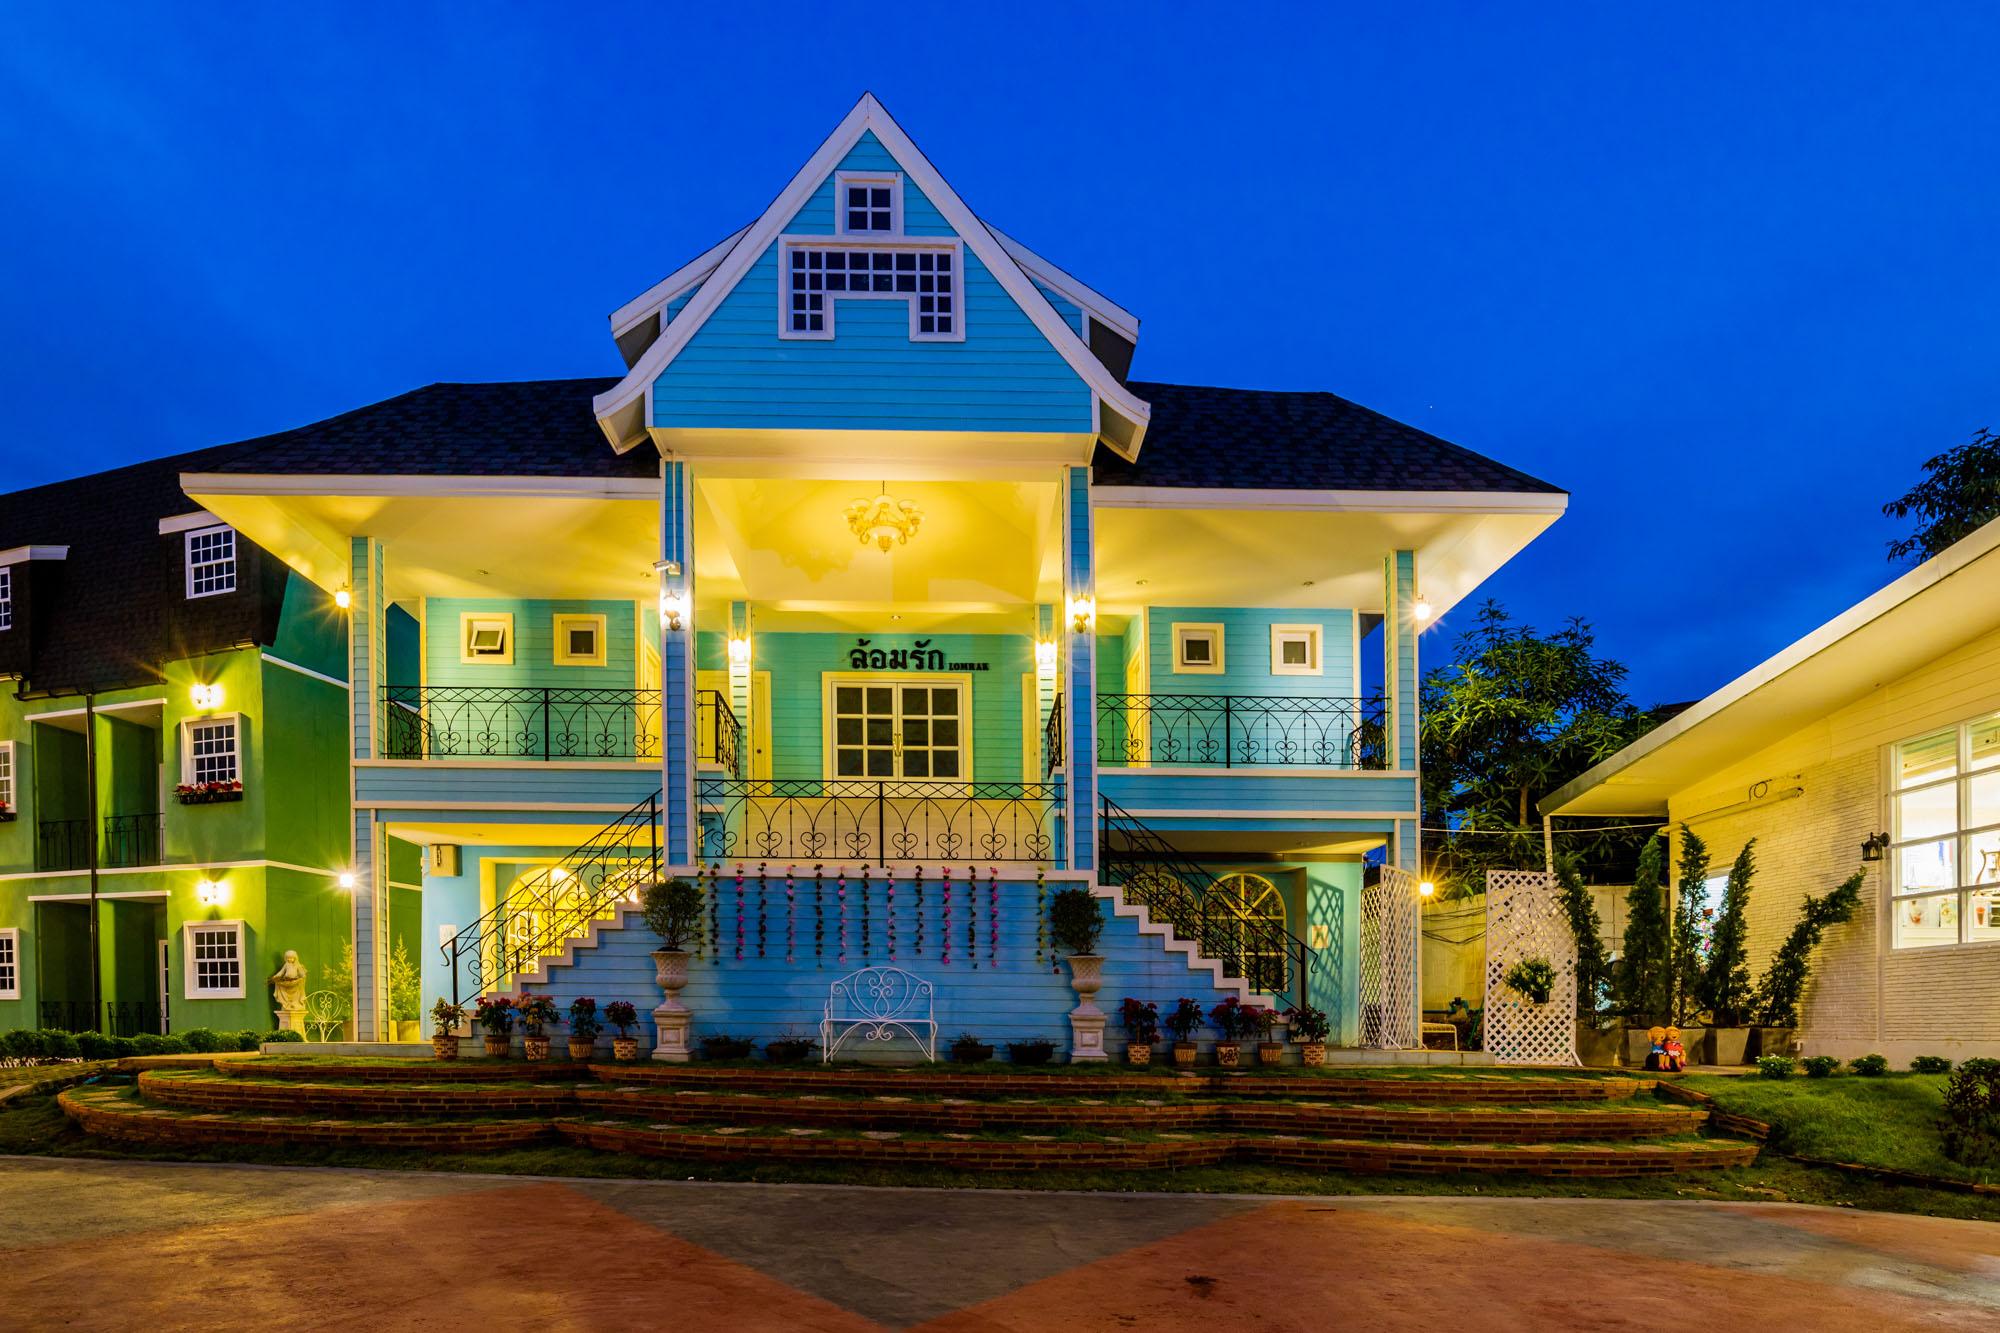 อาคารล้อมรัก ณ บ้านแม่ รีสอร์ท ลำปาง  ณ บ้านแม่ รีสอร์ท Nabaanmae resort ลำปาง งามสไตล์ยุโรป IMG 3876